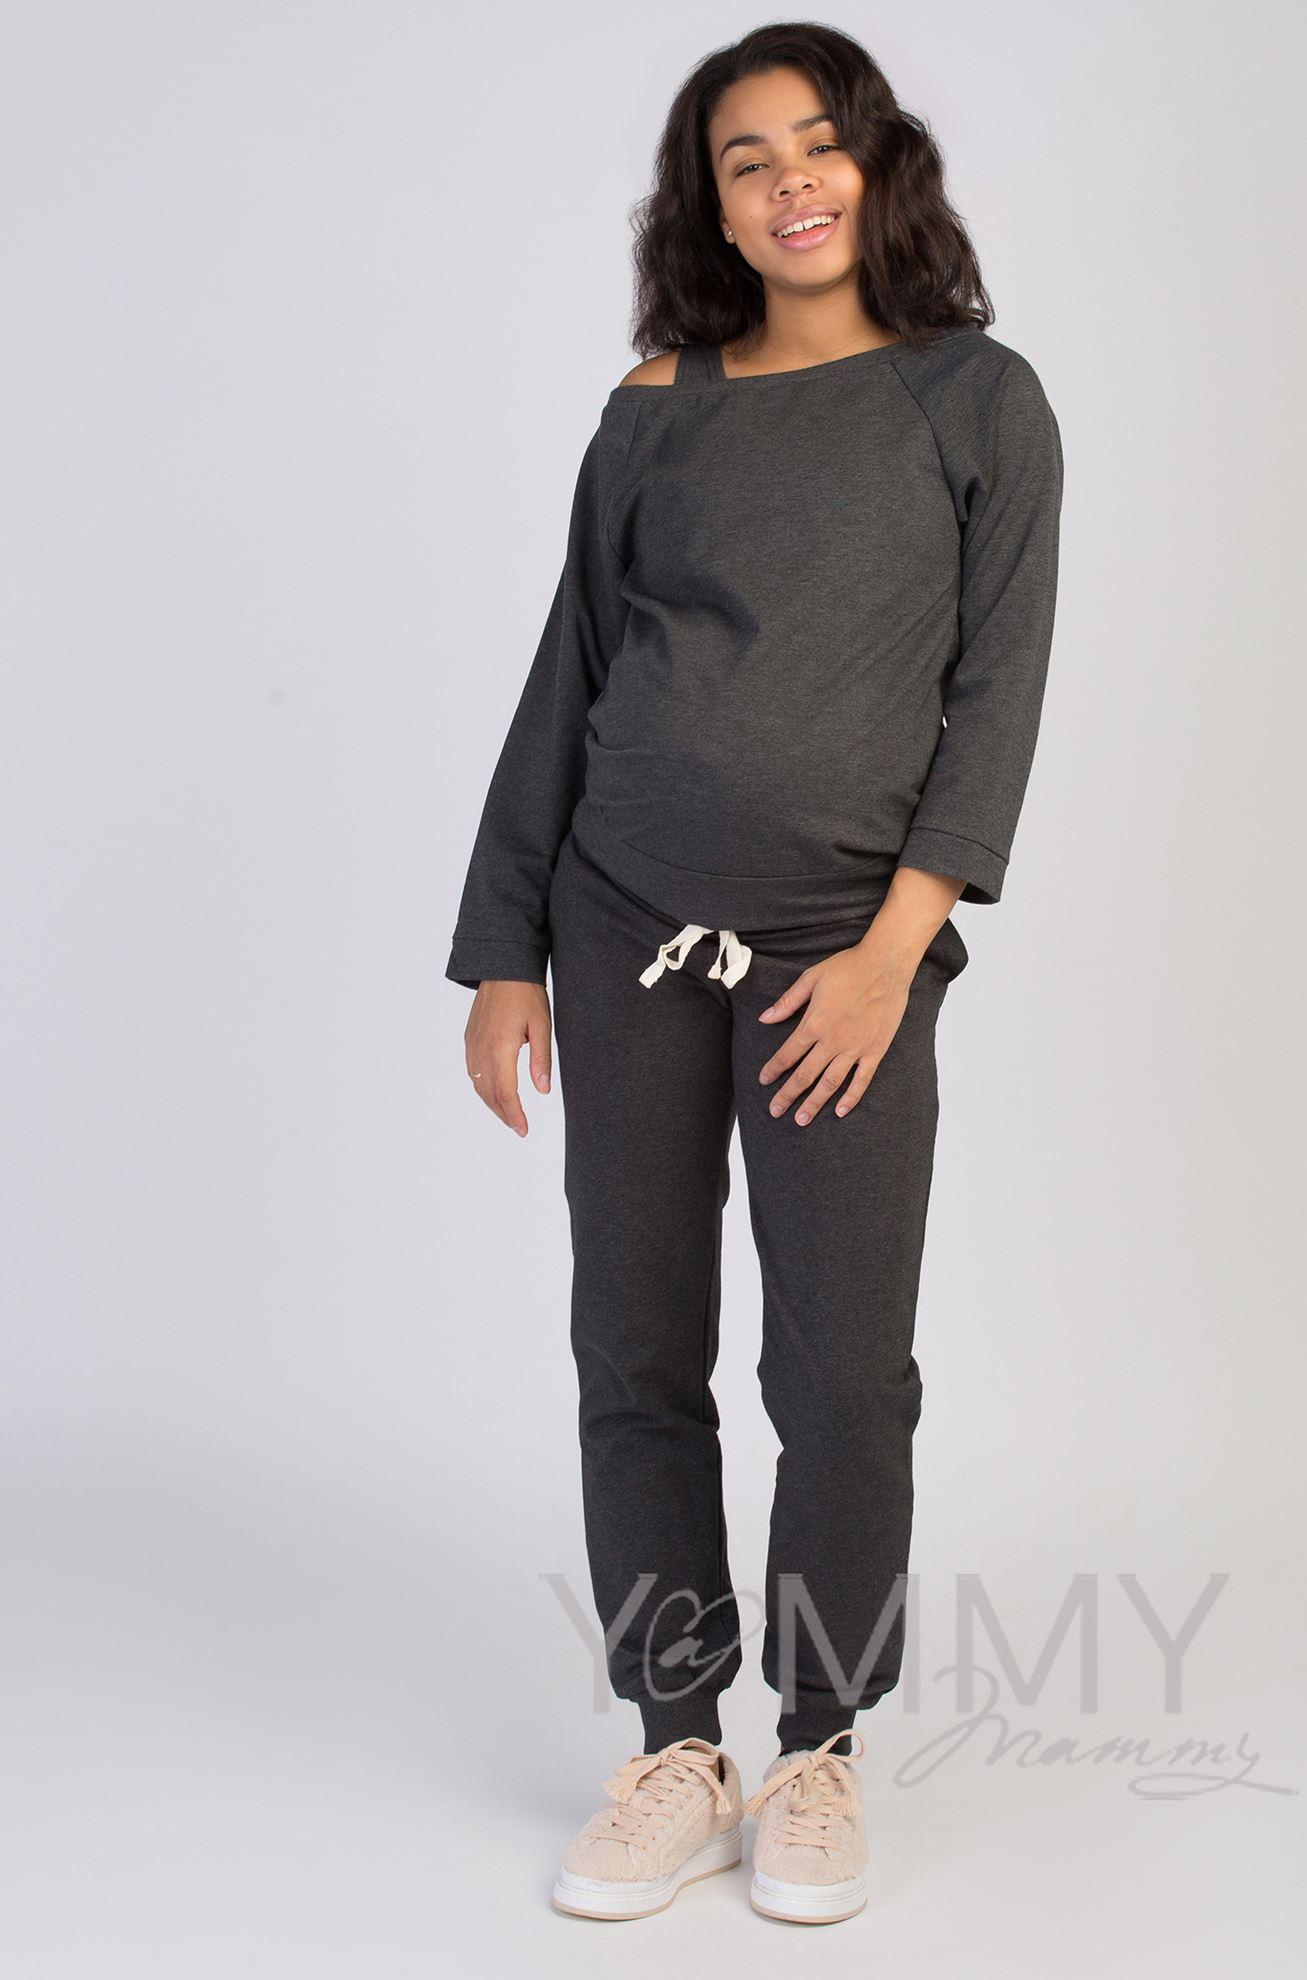 Изображение                               Универсальные спортивные брюки из футера темно-серый меланж